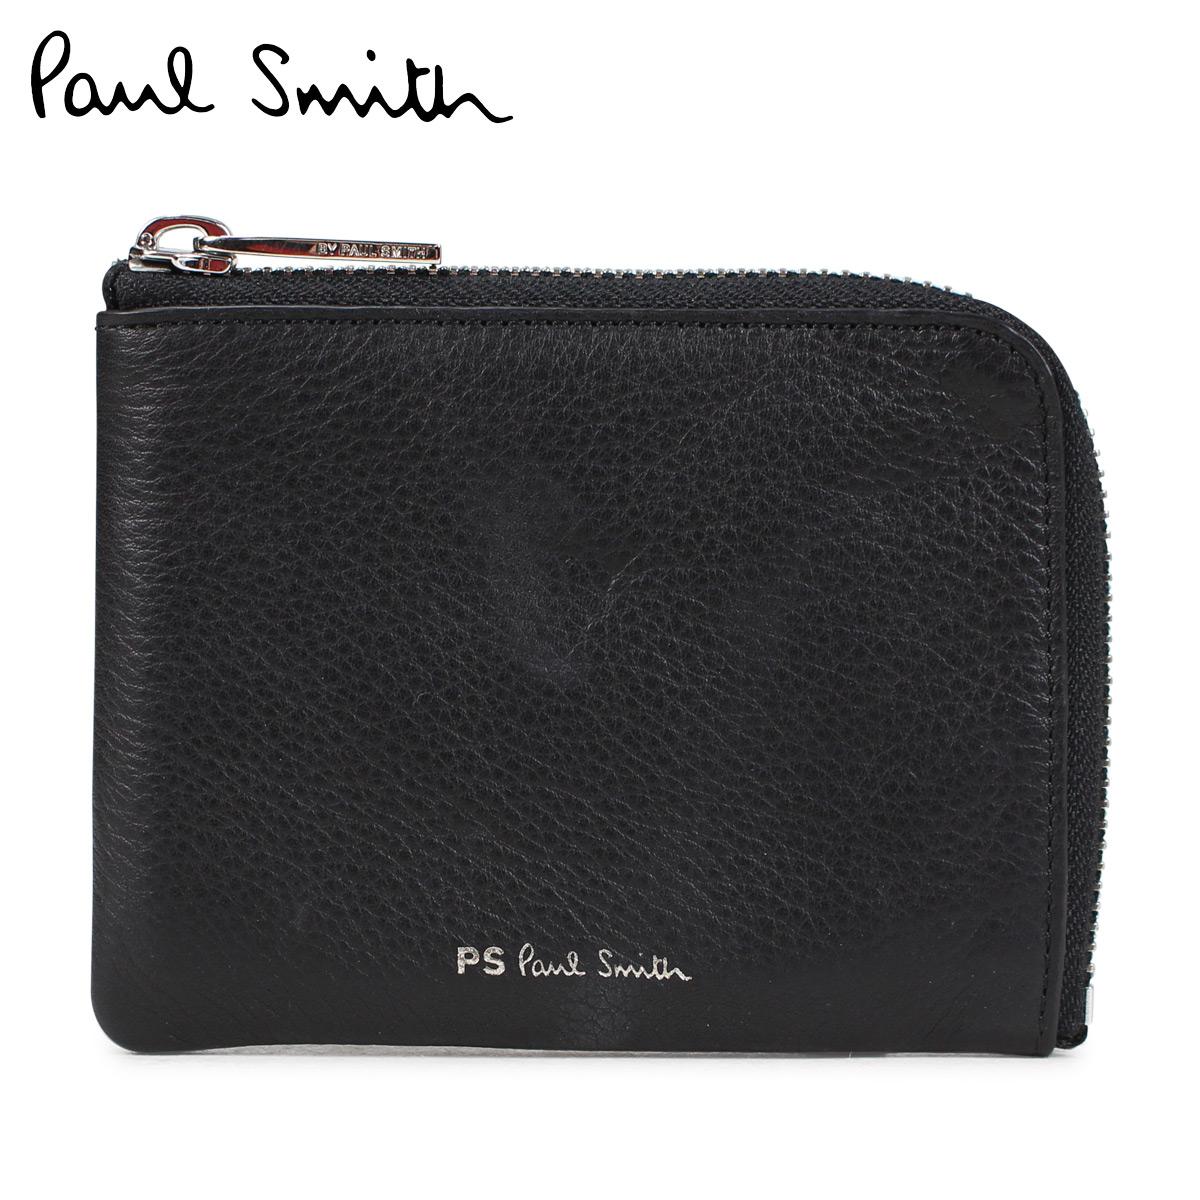 Paul Smith 財布 小銭入れ メンズ ポールスミス WALLET レザー ブラック 黒 M2A 5319 A40052